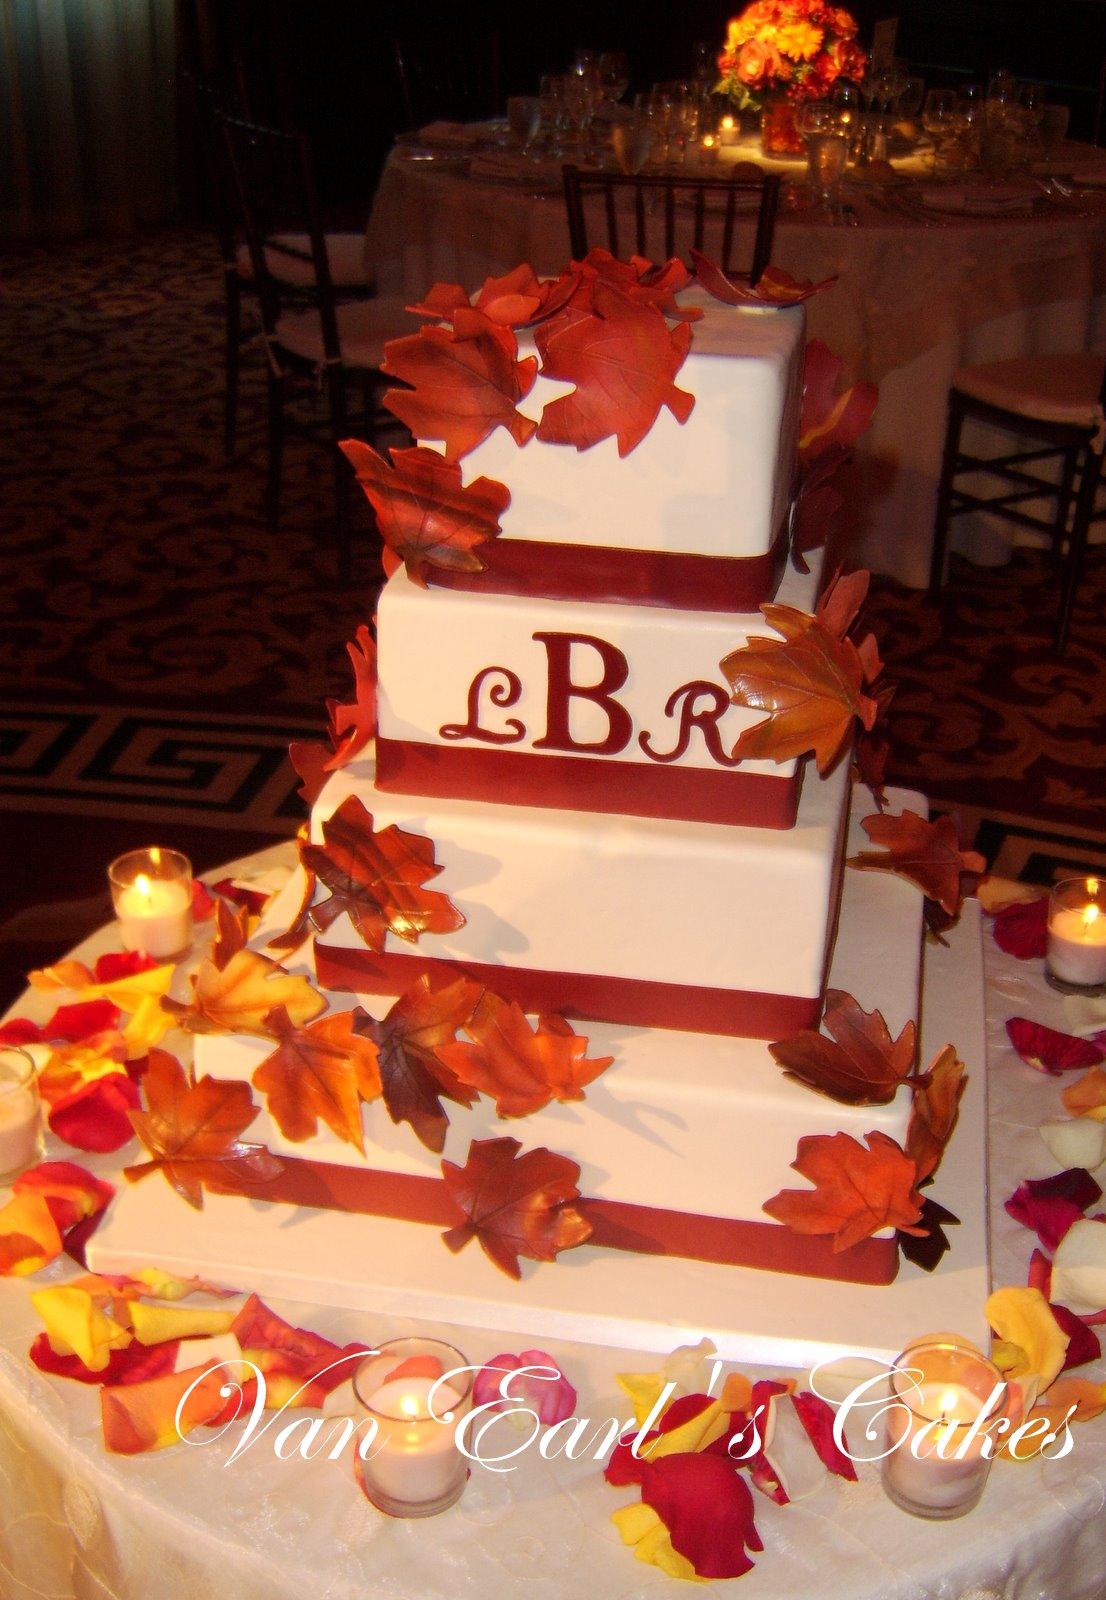 Van Earl's Cakes: October 2010